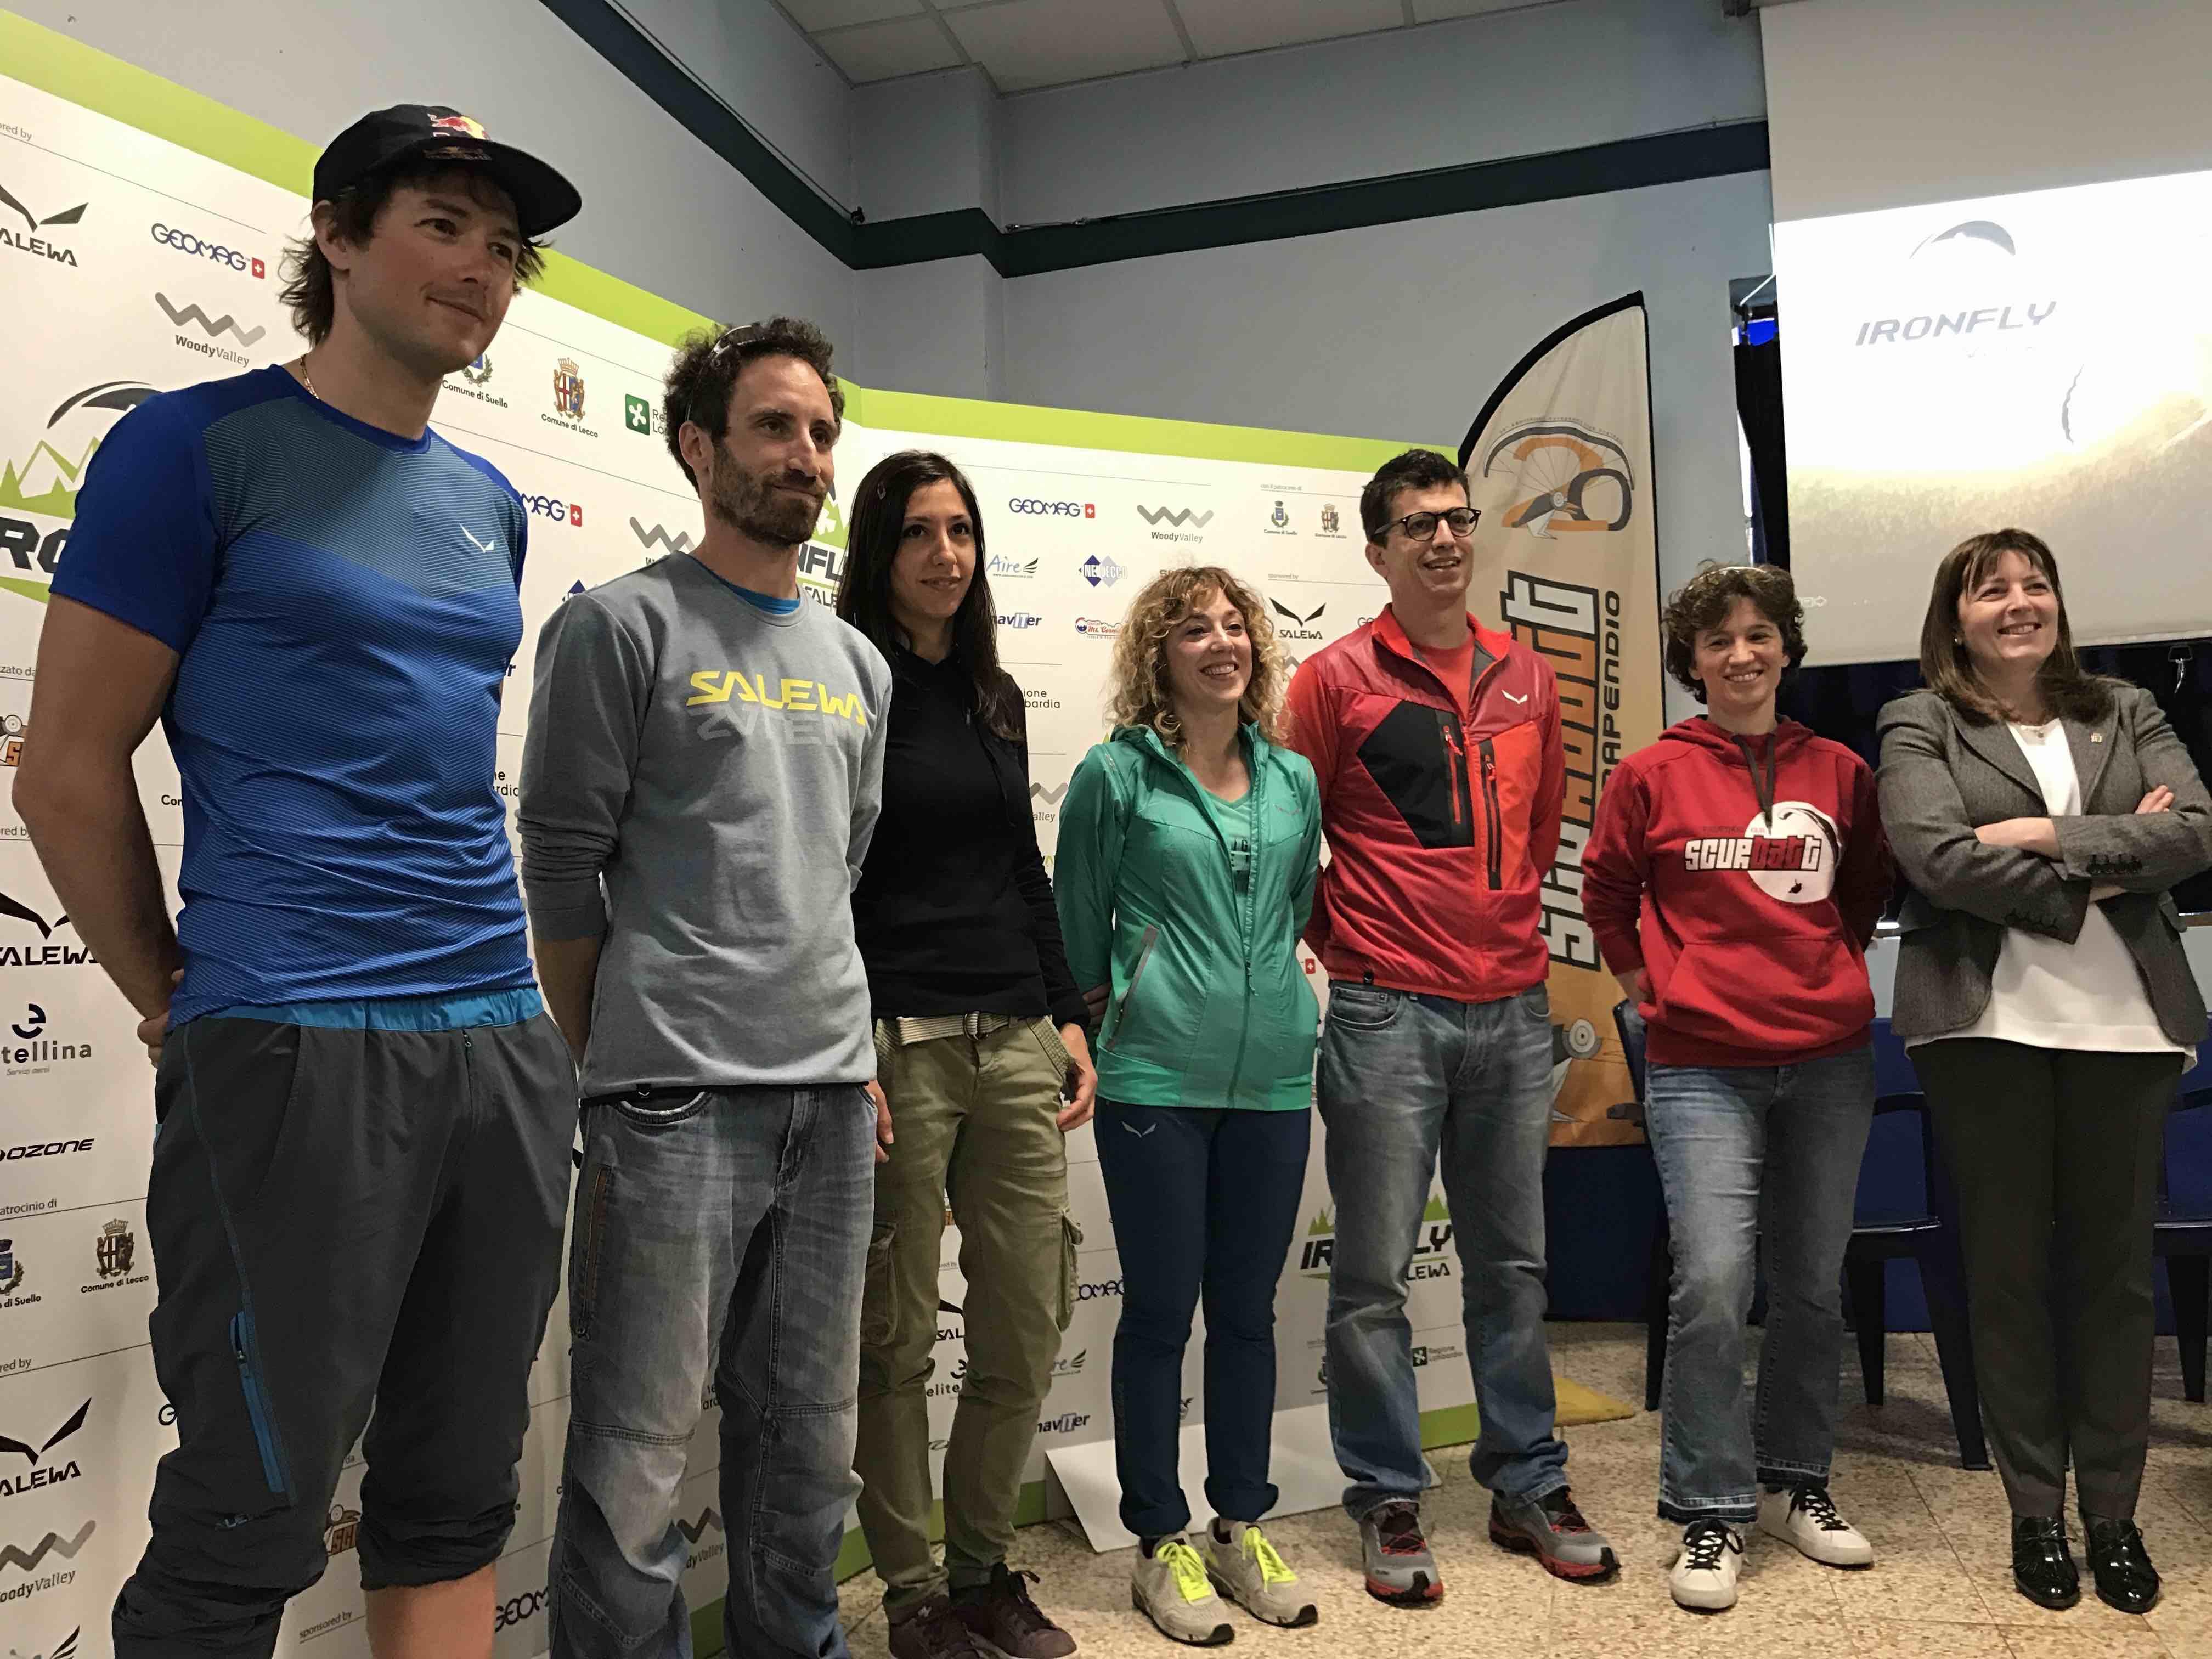 Salewa Iron Fly, conferenza stampa a Lecco